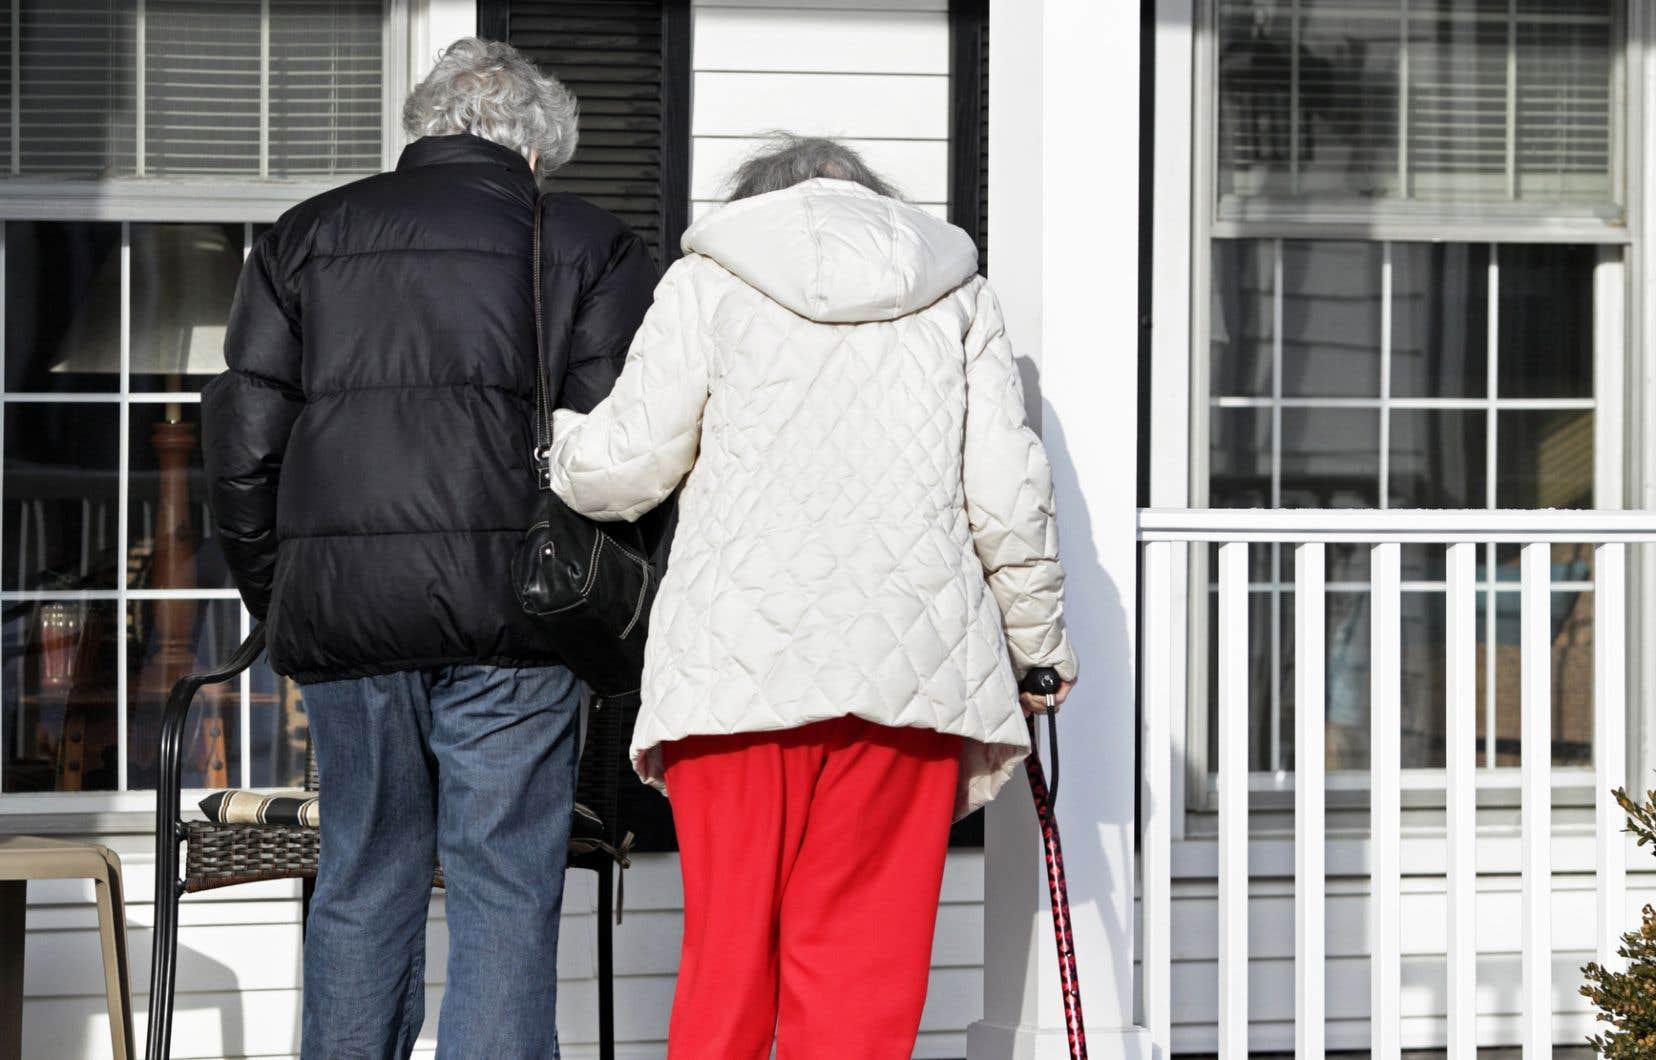 «Les personnes âgées subissent une perte de force dans les jambes, ce qui nuit à leur mobilité. De plus, cette perte de force oblige les personnes âgées à dépenser plus d'énergie pour parcourir une même distance, et ce, même pour un simple déplacement comme la marche», explique le professeur au Département d'études sportives à l'Université Bishop's et chercheur à l'Institut universitaire de gériatrie de Montréal, Nicolas Berryman.